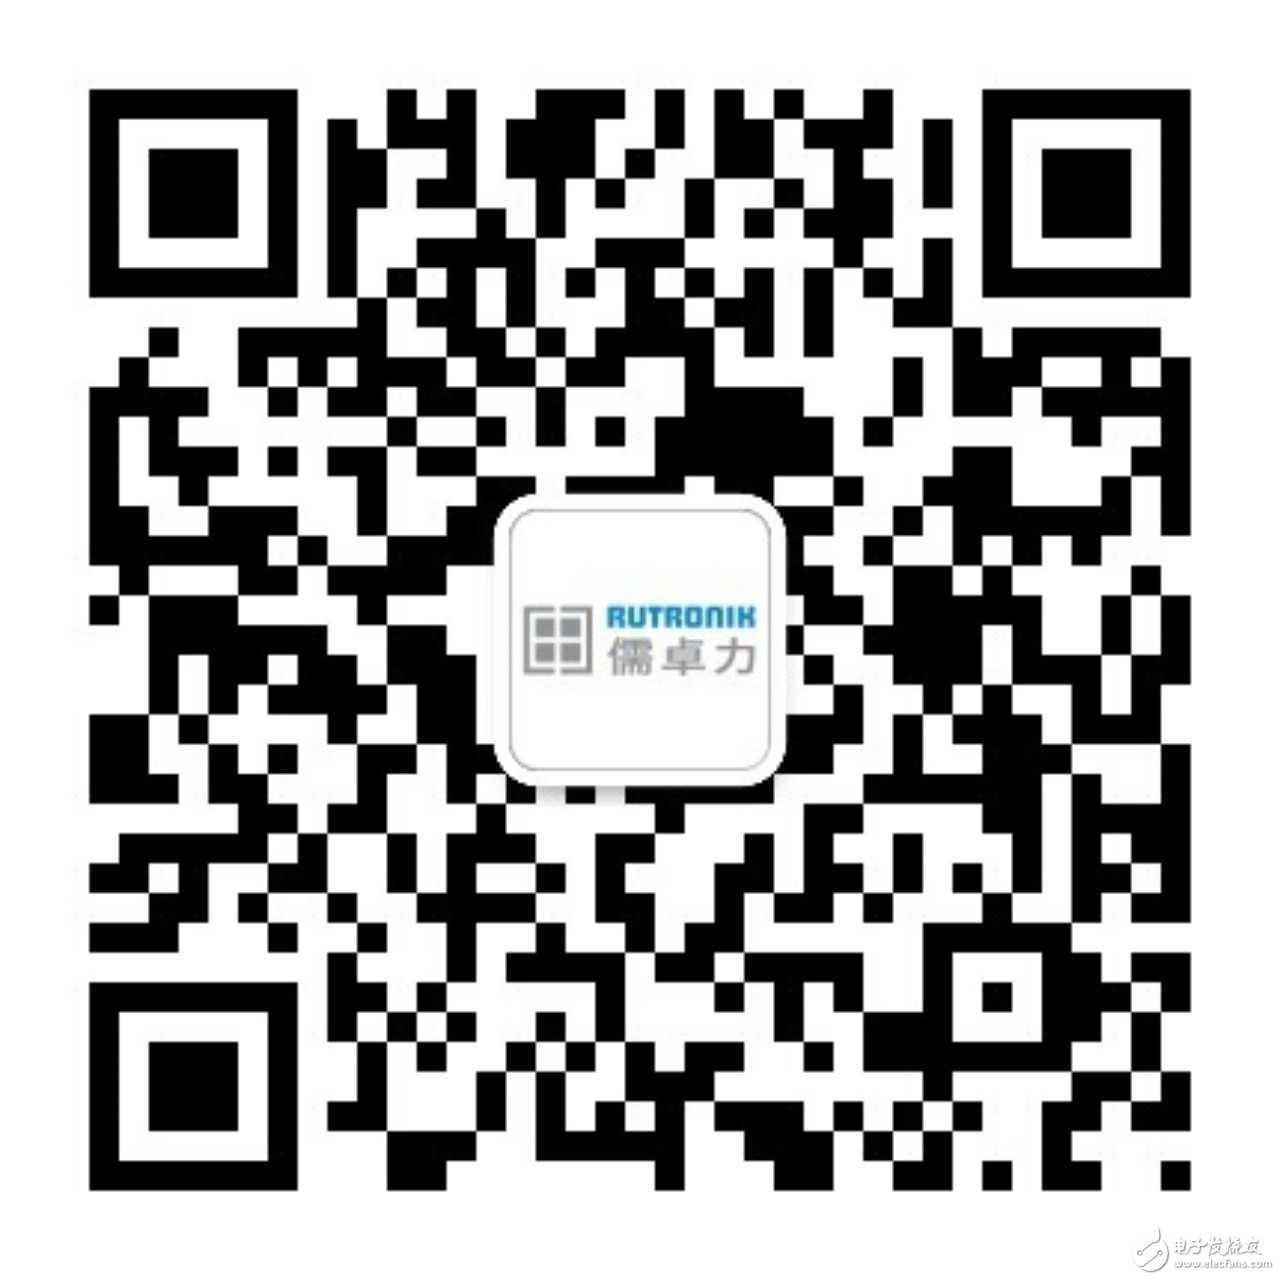 儒卓力全新中文网站上线  全方位服务中国市场